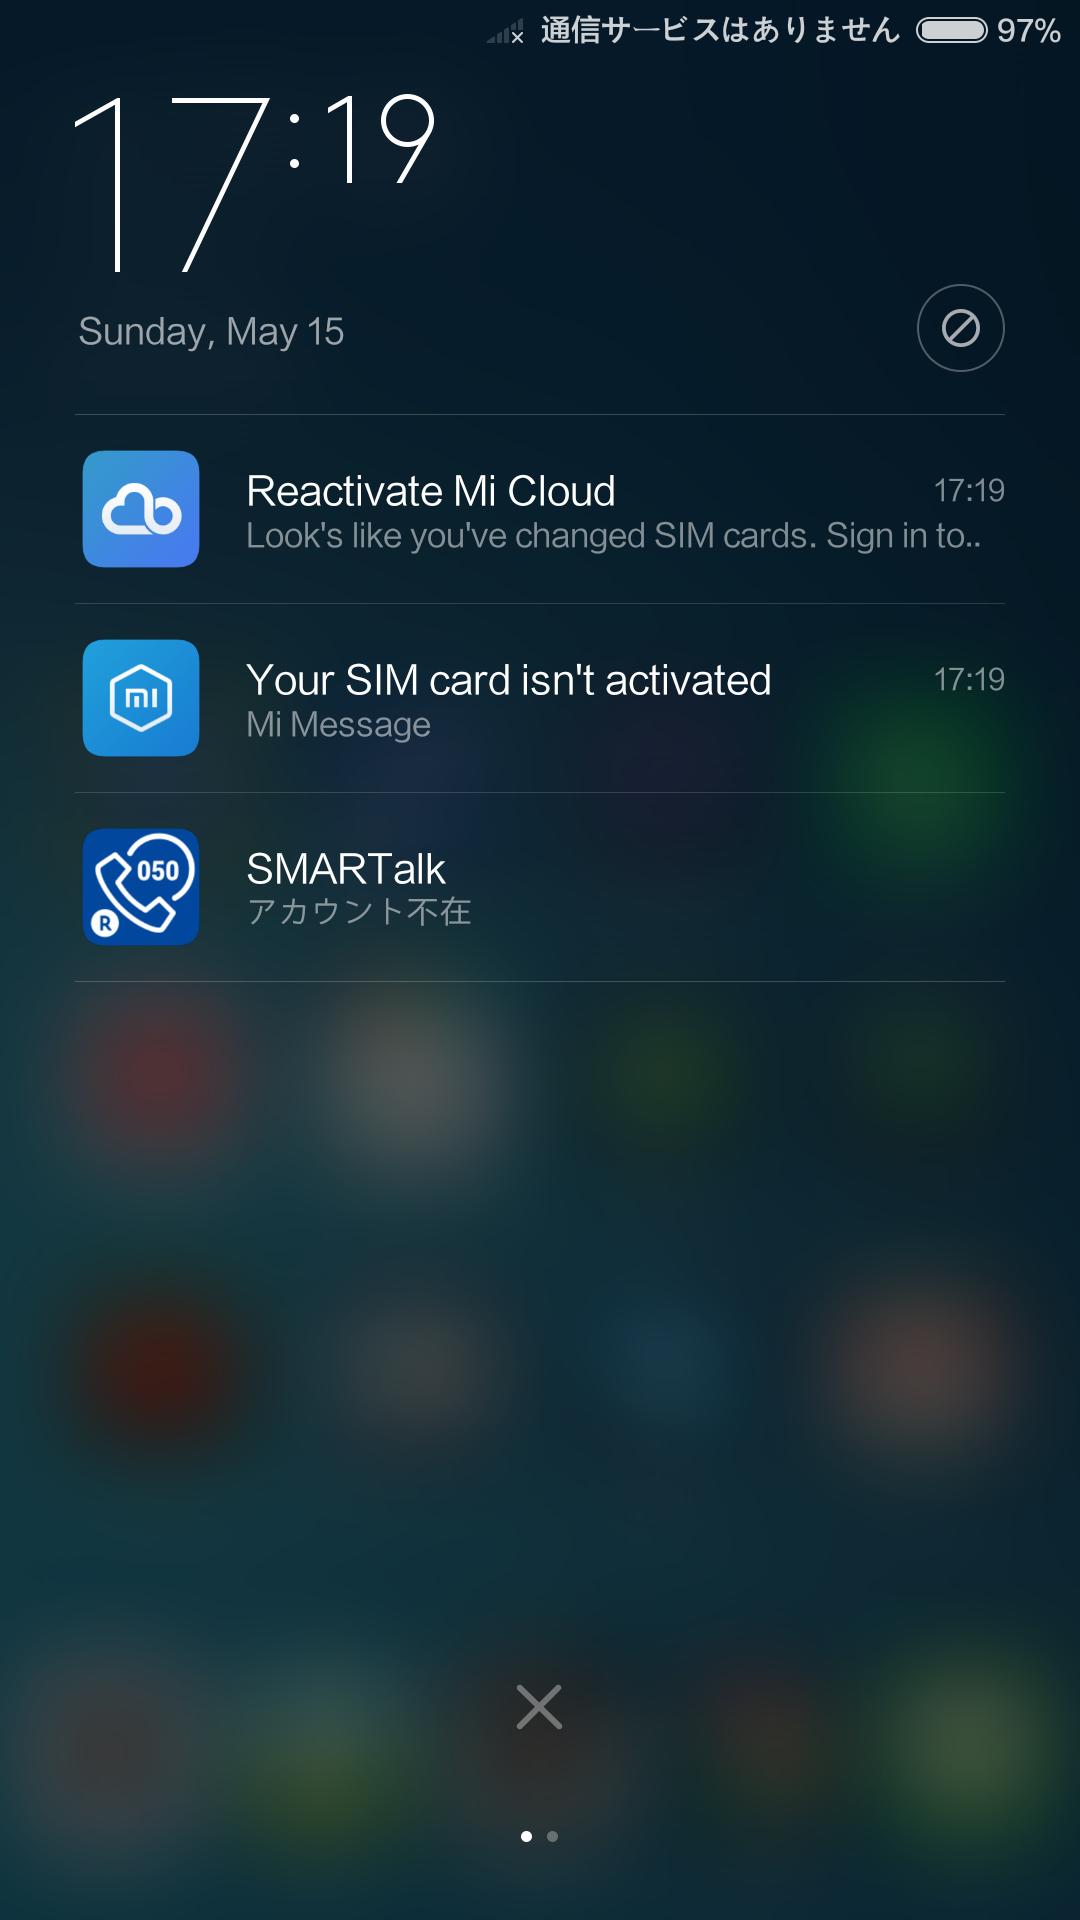 通知パネルにはReactivate Mi Cloudと表示されますが、後ほどMi AccountにログインすればOK